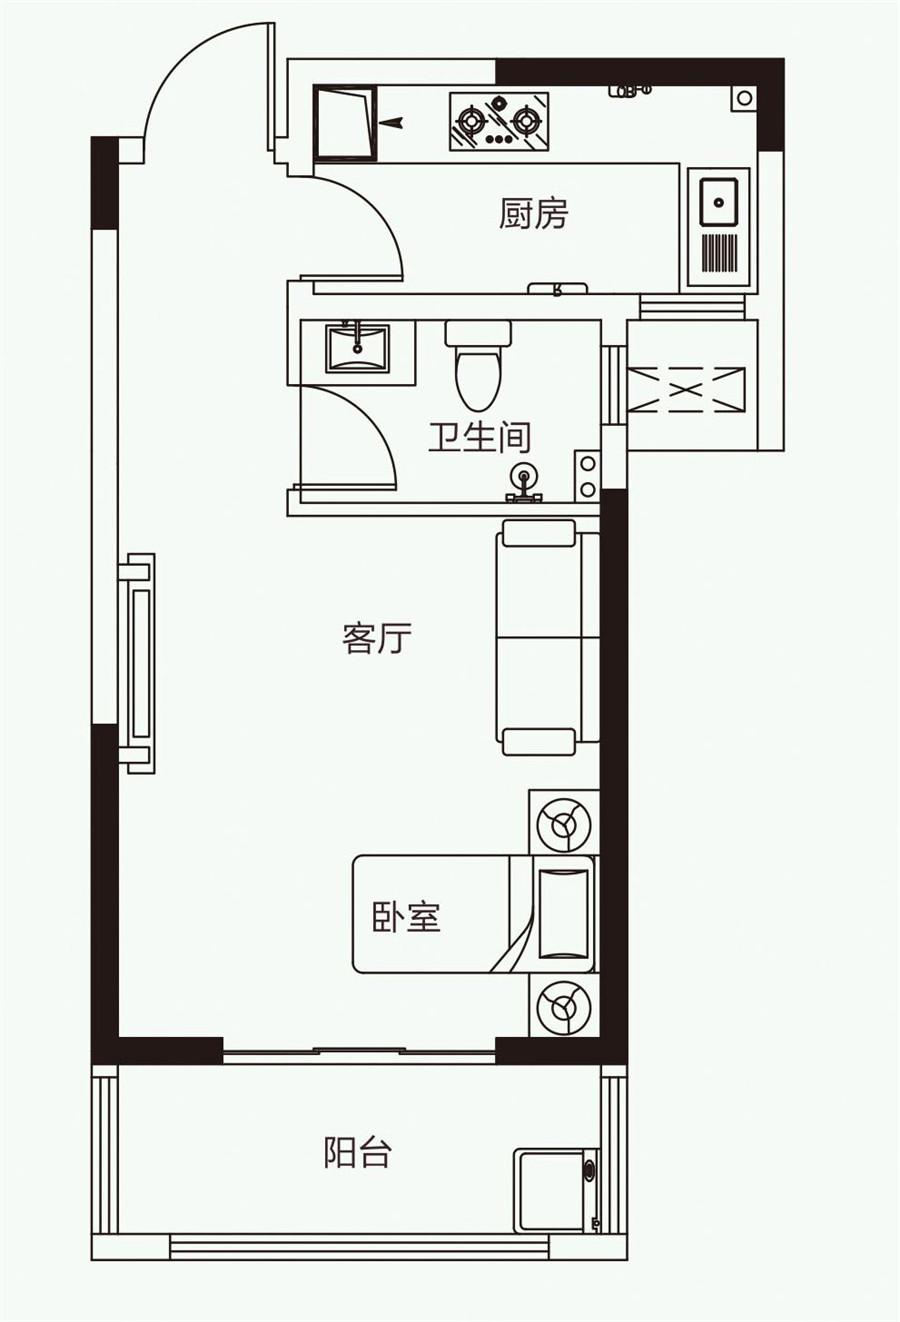 一室一厅一卫【开元壹号一】一室一厅一卫